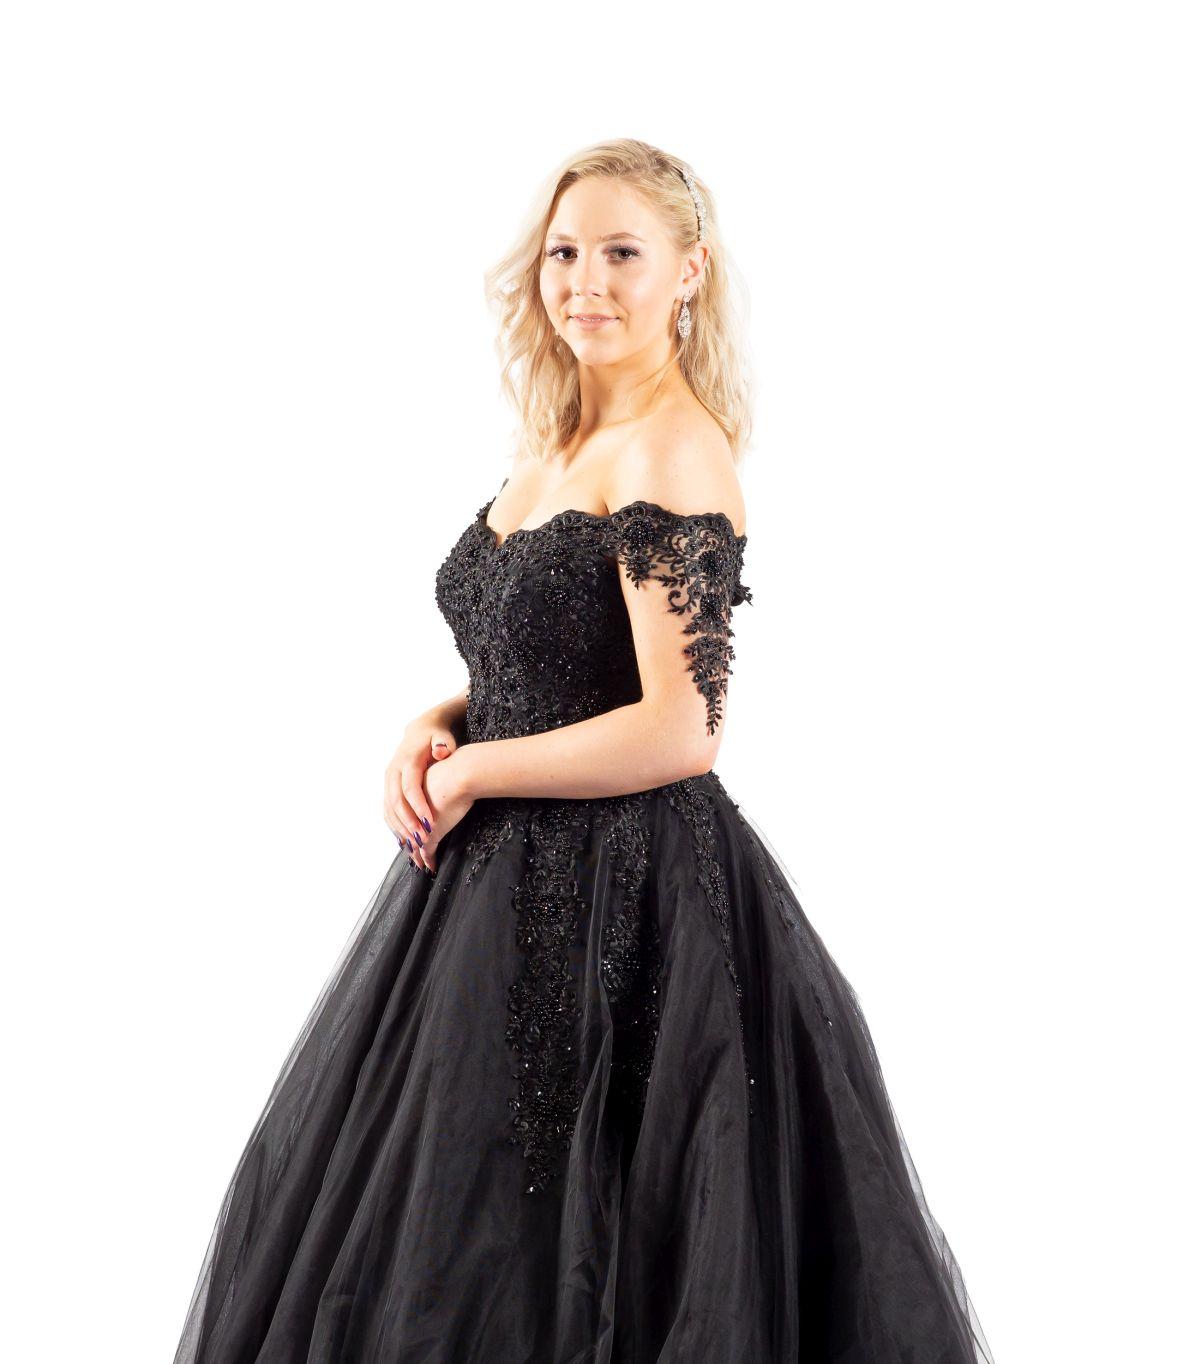 Shirin schwarzes Brautkleid detailansicht